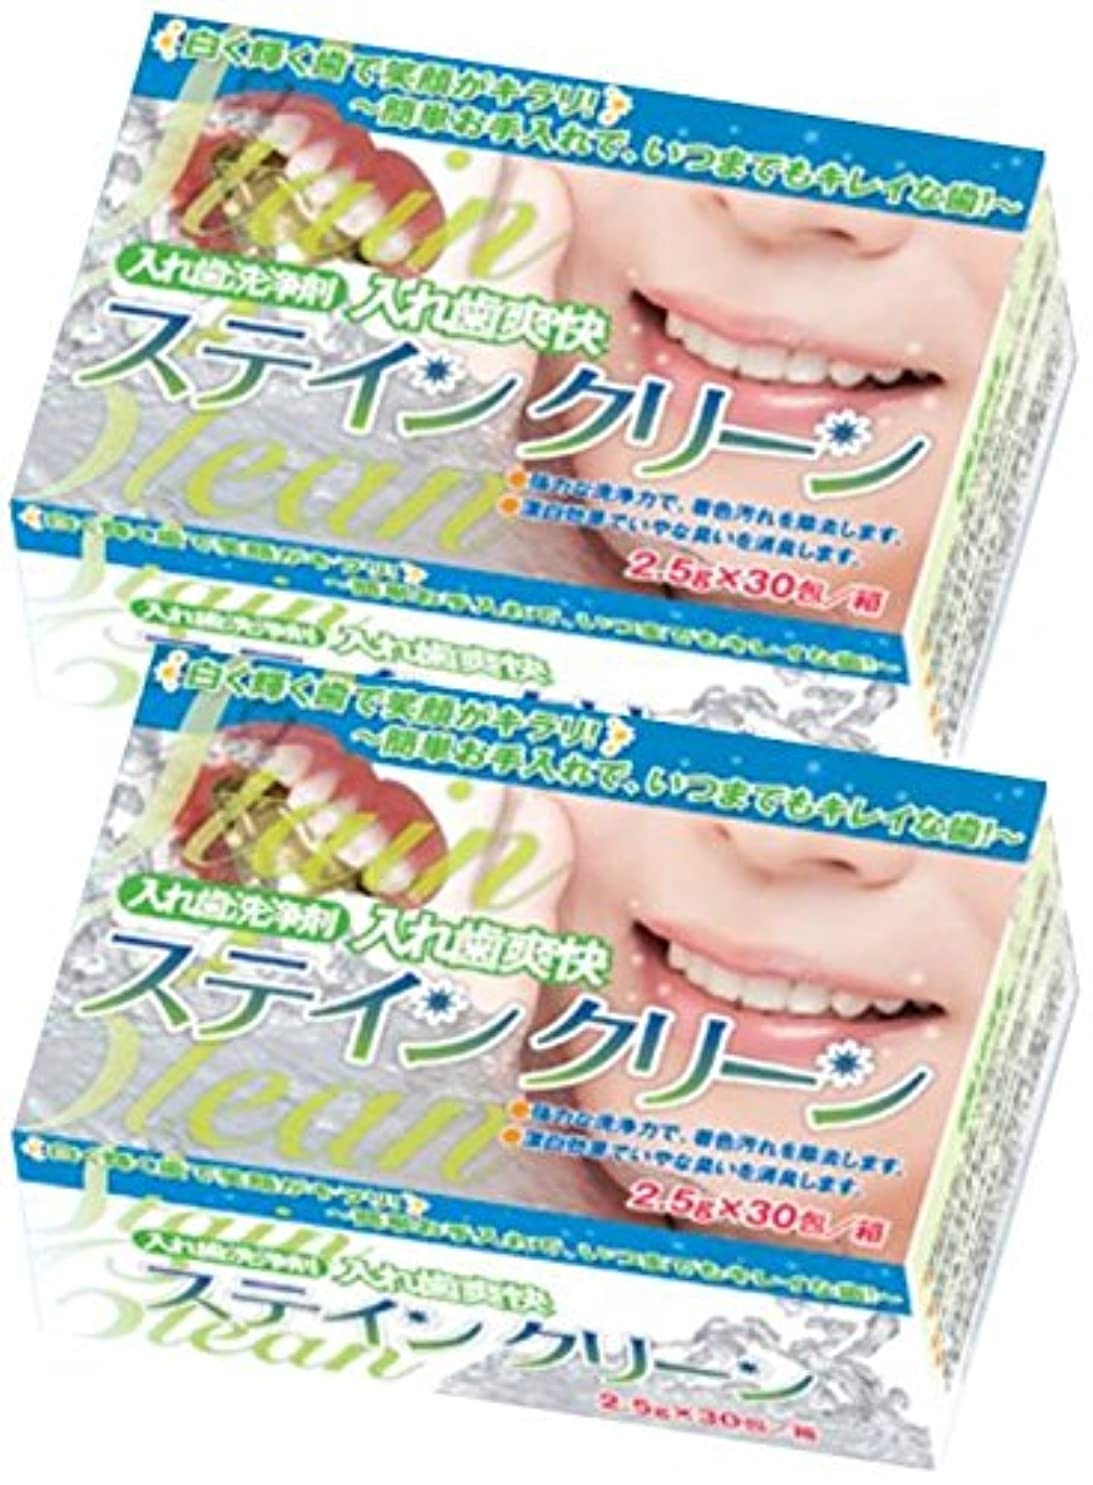 ワンダー不器用貫通入れ歯爽快 ステインクリーン 1箱(2.5g × 30包入り) 歯科医院専売品 (2箱)